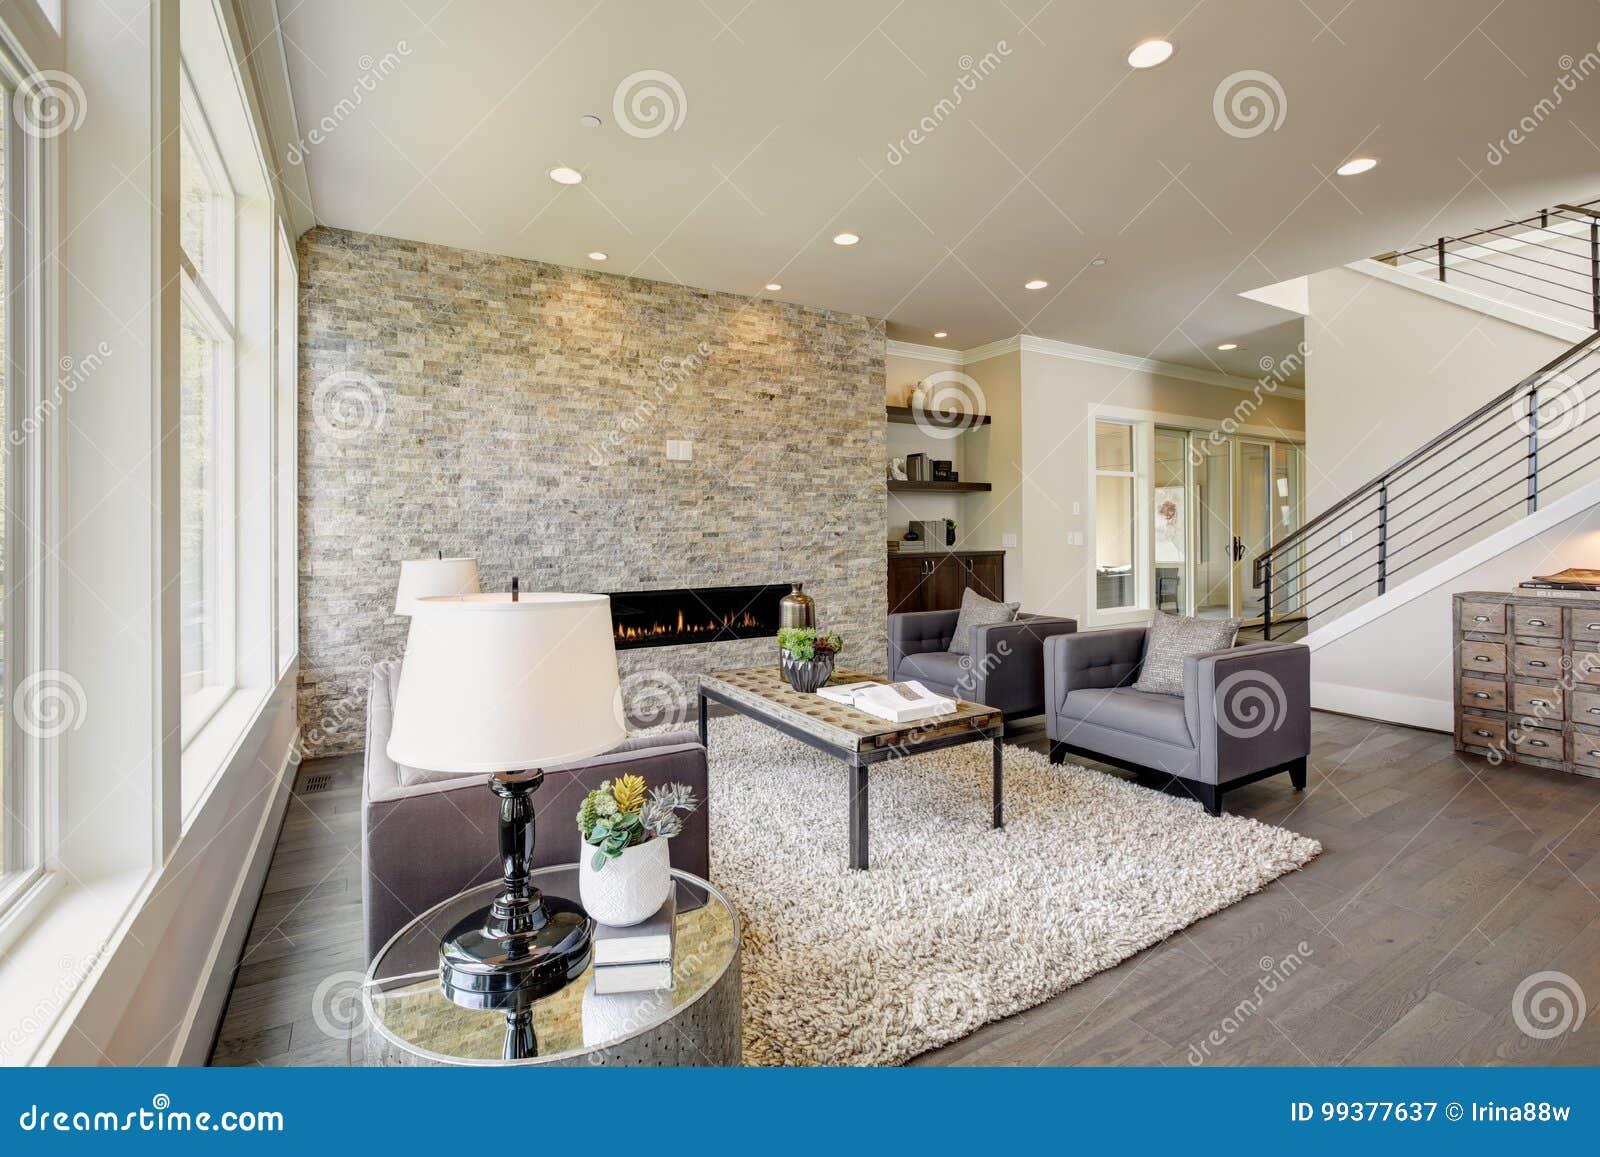 Uberlegen Download Moderner Großer Raum Mit Einem Boden Zum Deckensteinkamin  Stockbild   Bild Von Kamin, Familie